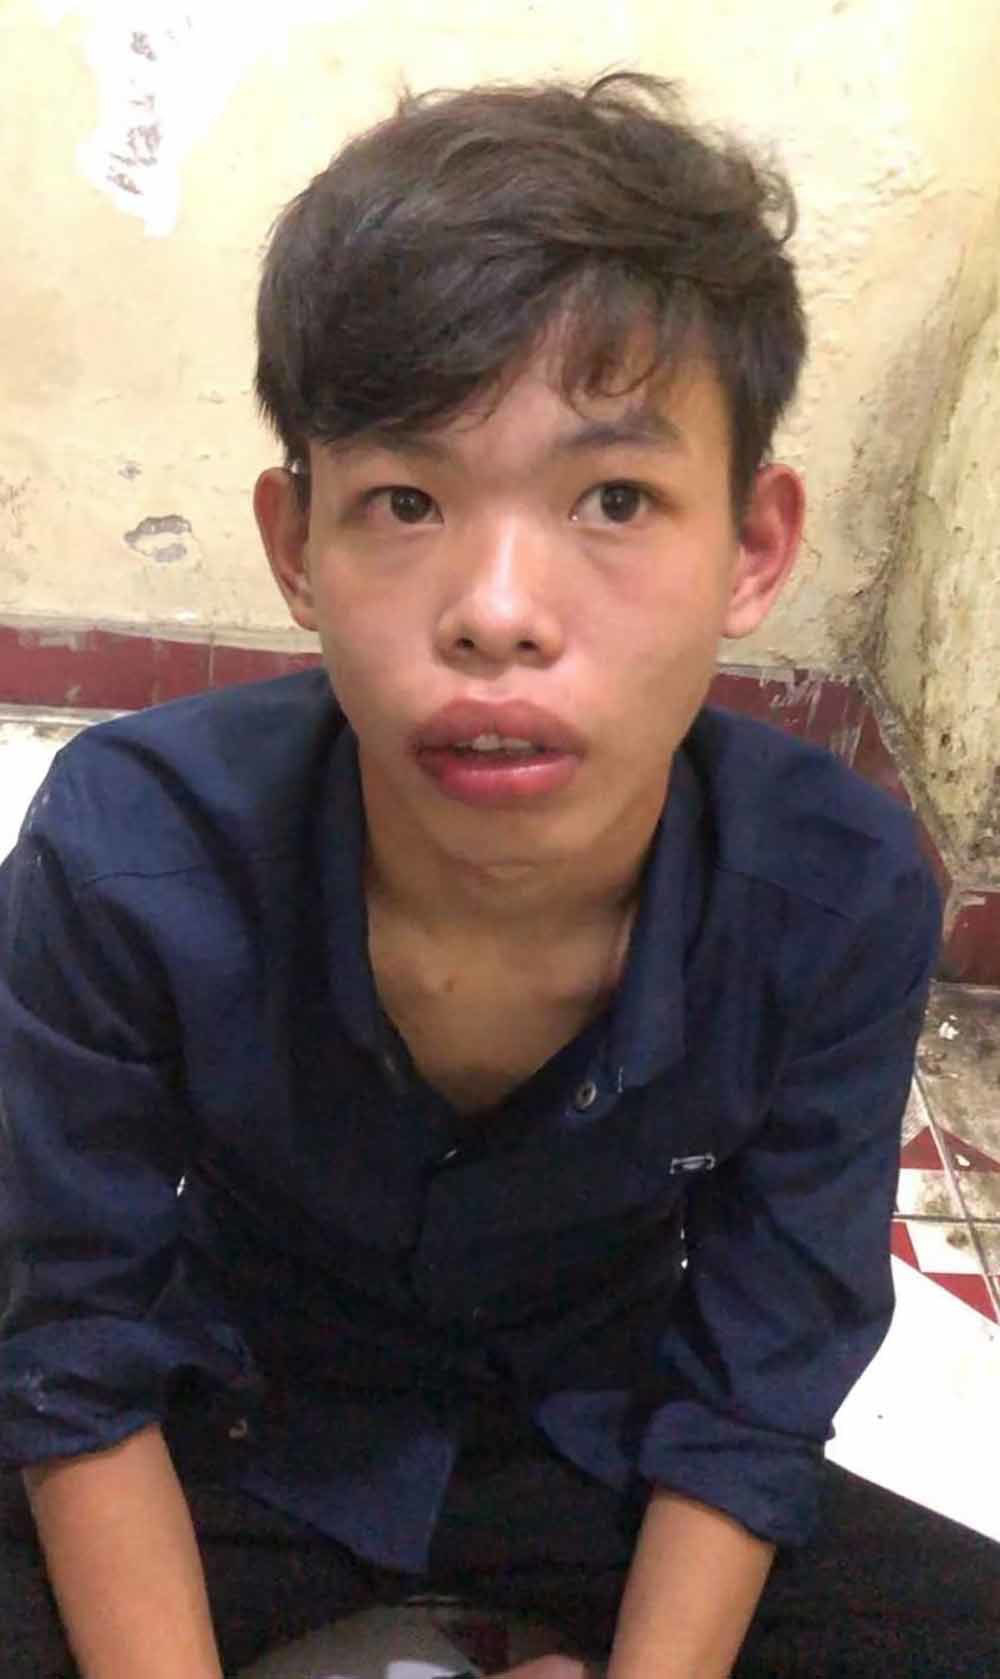 Thiếu nữ 16 tuổi ở Sài Gòn bị tống tiền vì clip nóng cắt ghép - Ảnh 1.